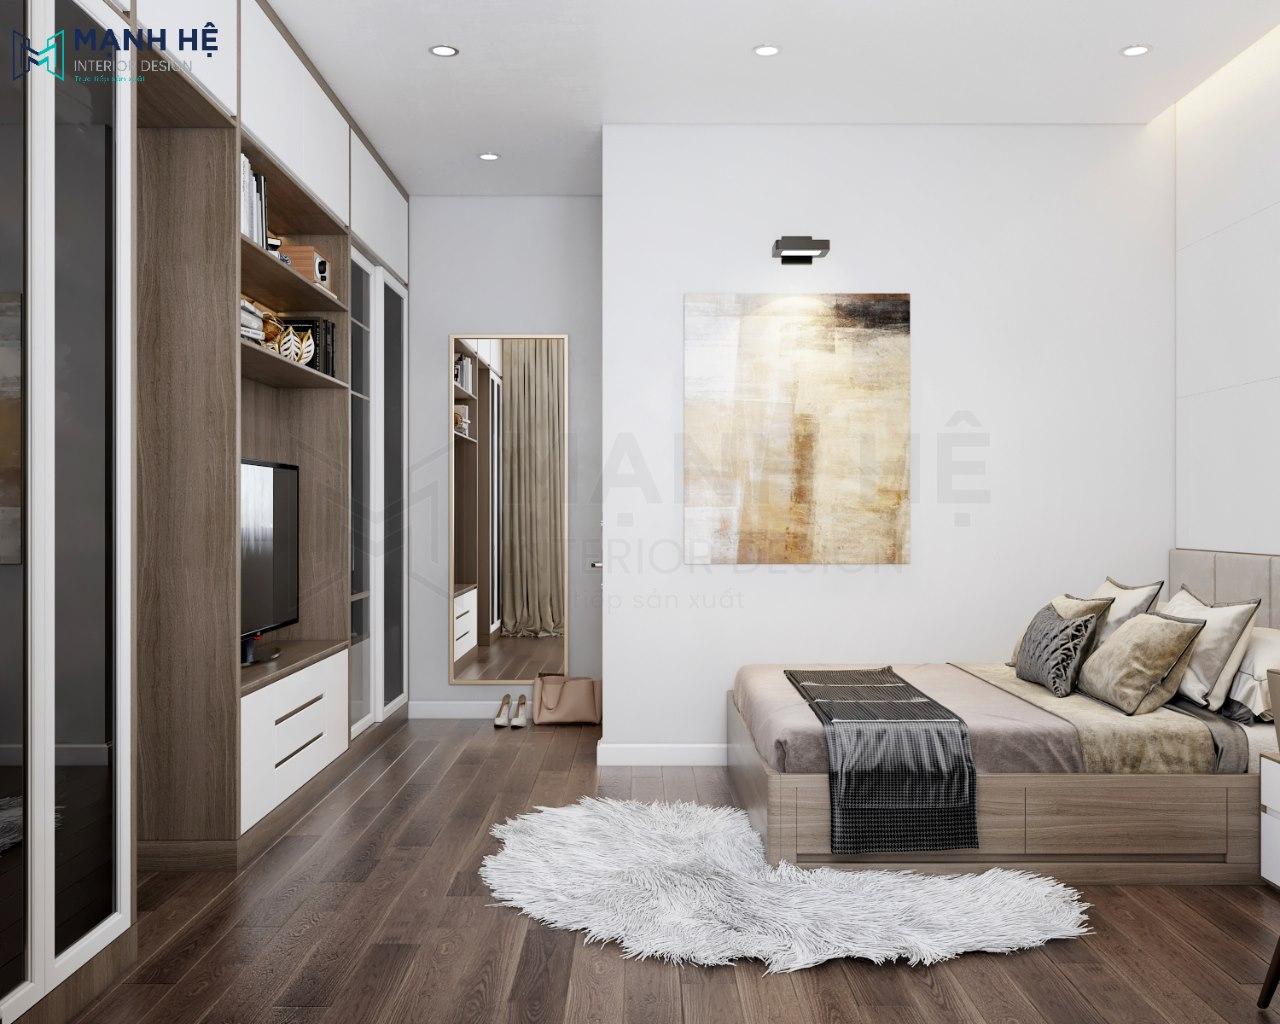 Phòng ngủ được bố trí thêm tivi, tủ nhỏ